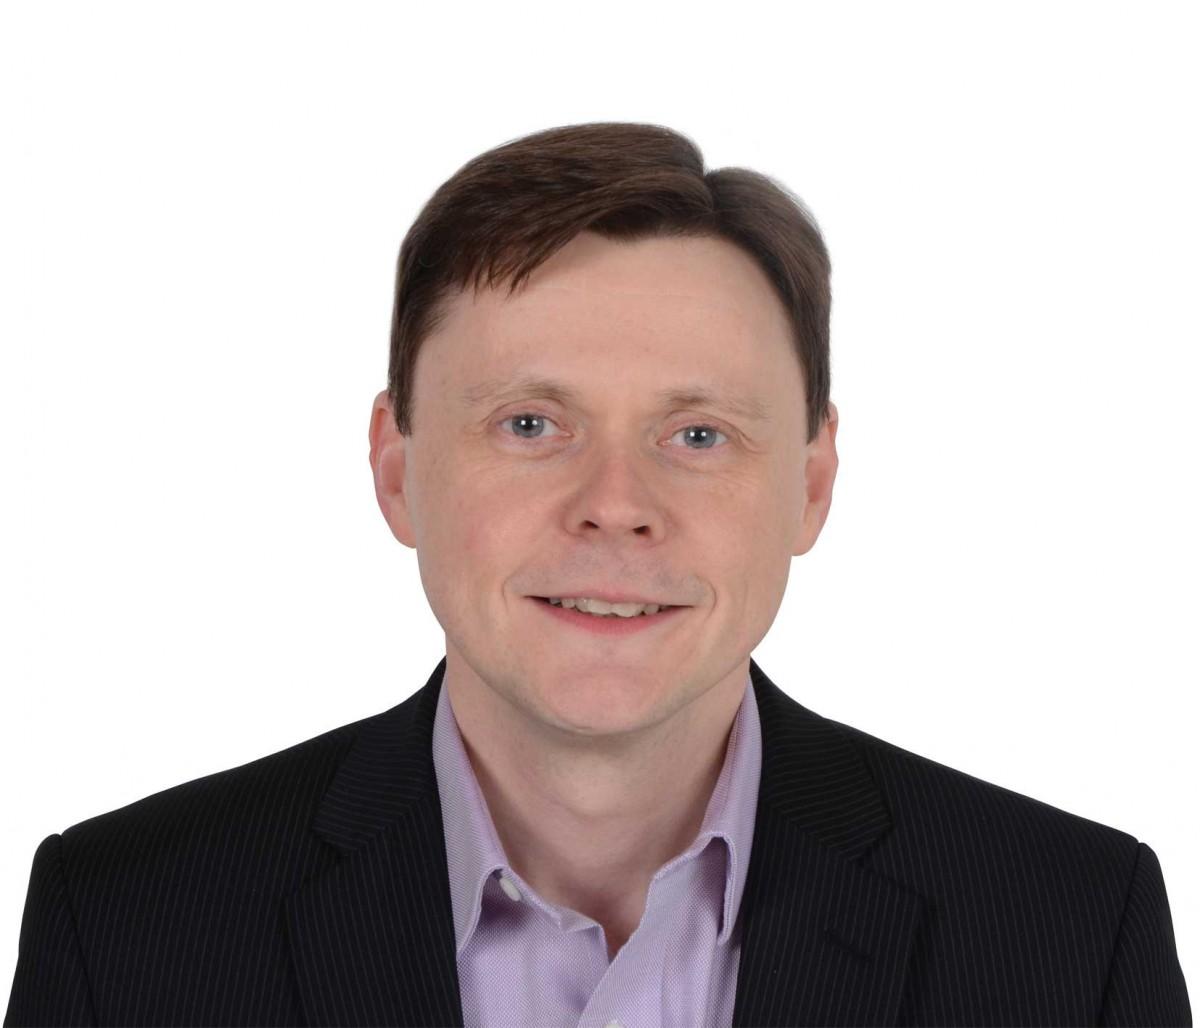 Portrait image of Ian Walker